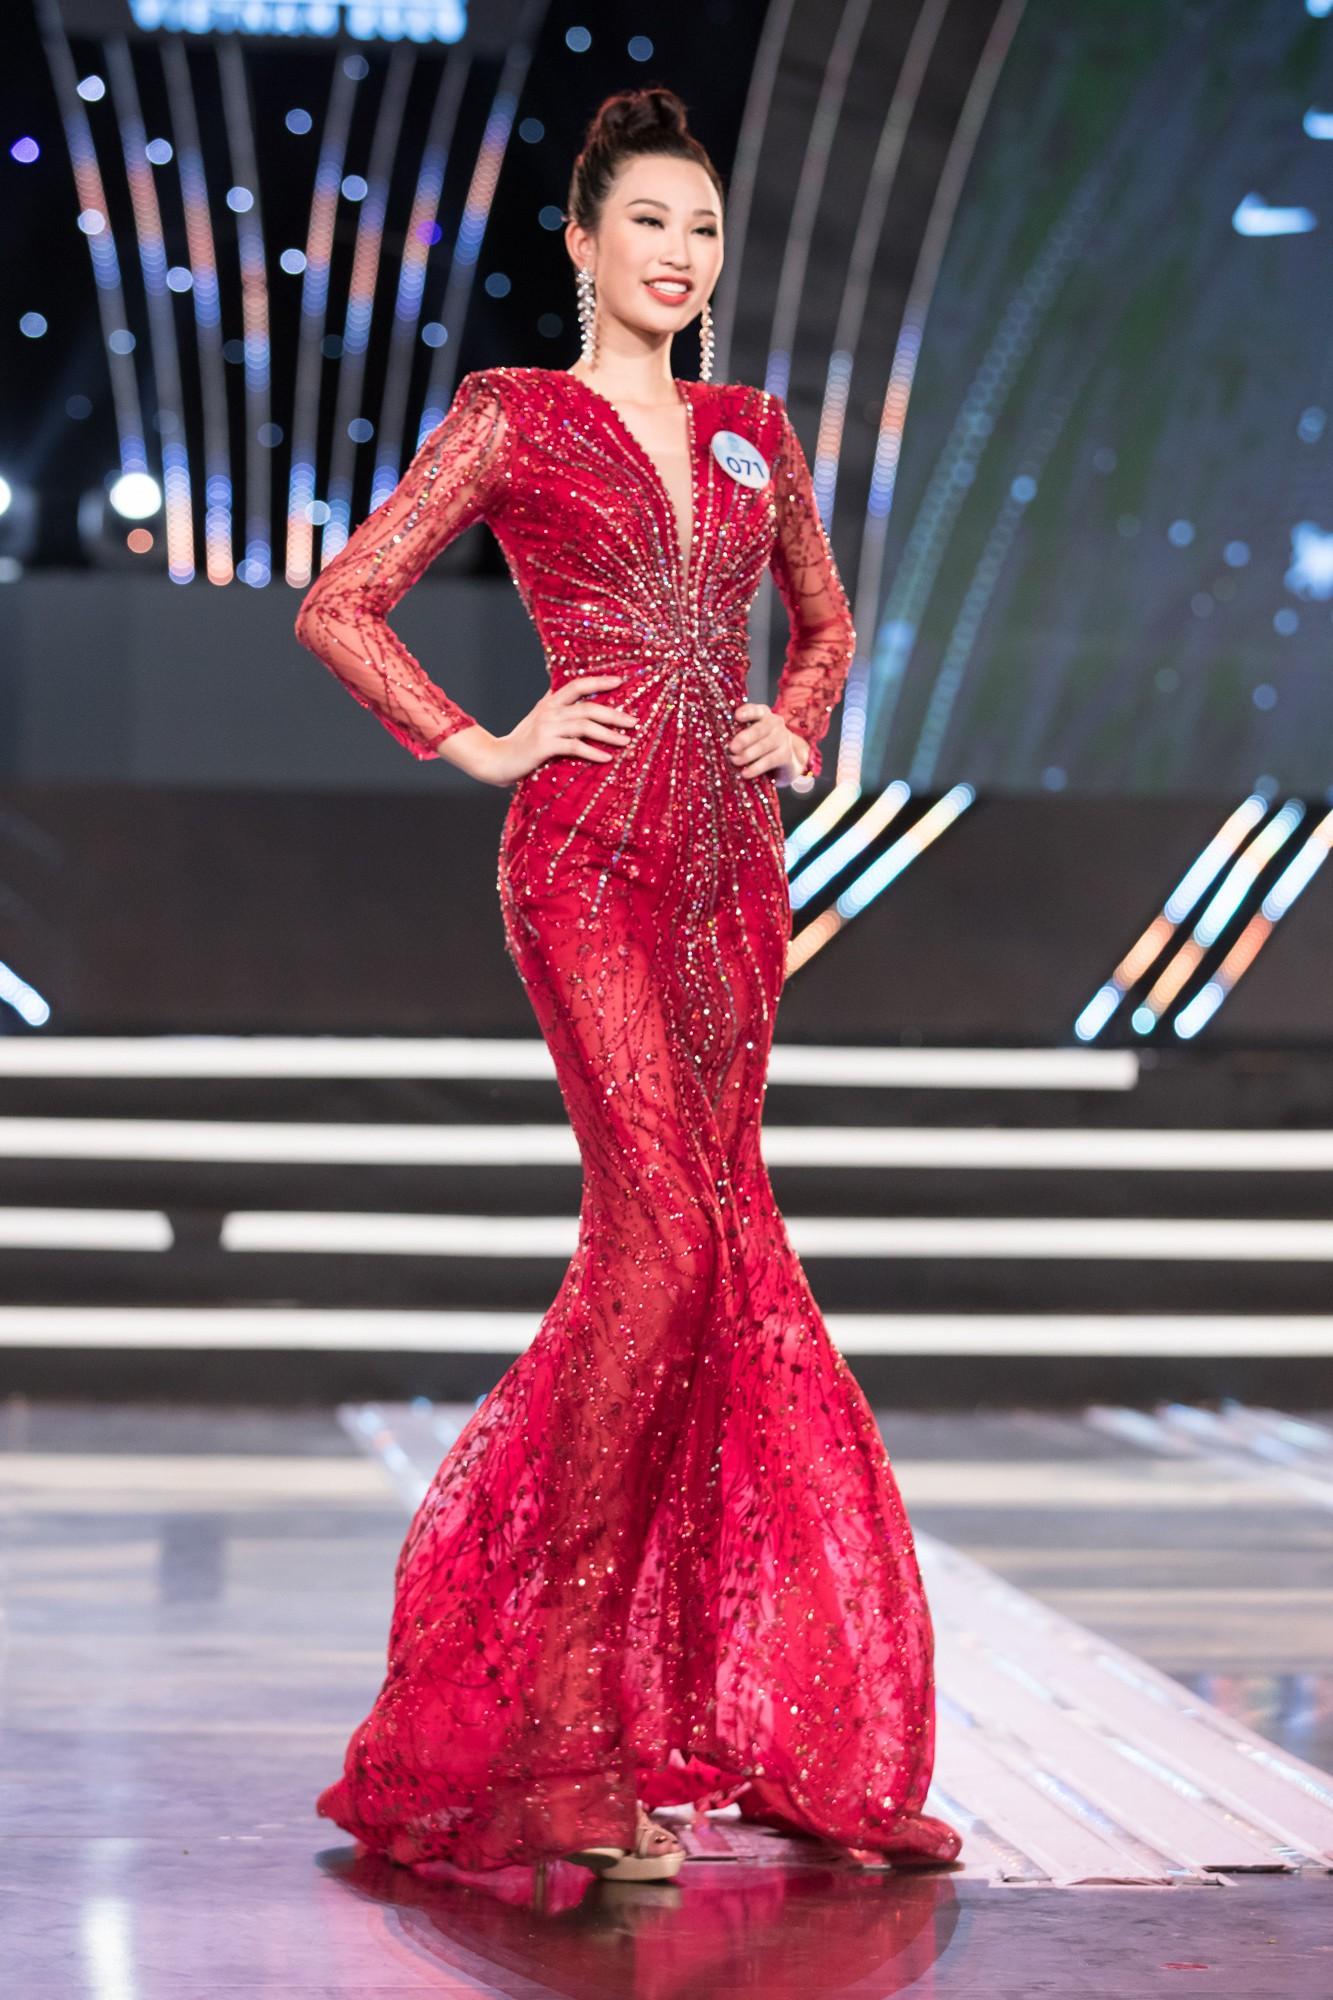 Soi nhan sắc 20 cô gái phía Bắc vừa lọt Chung kết Miss World VN: Thí sinh mặt đẹp nhất lại lộ vóc dáng đô con, thiếu đường cong-18